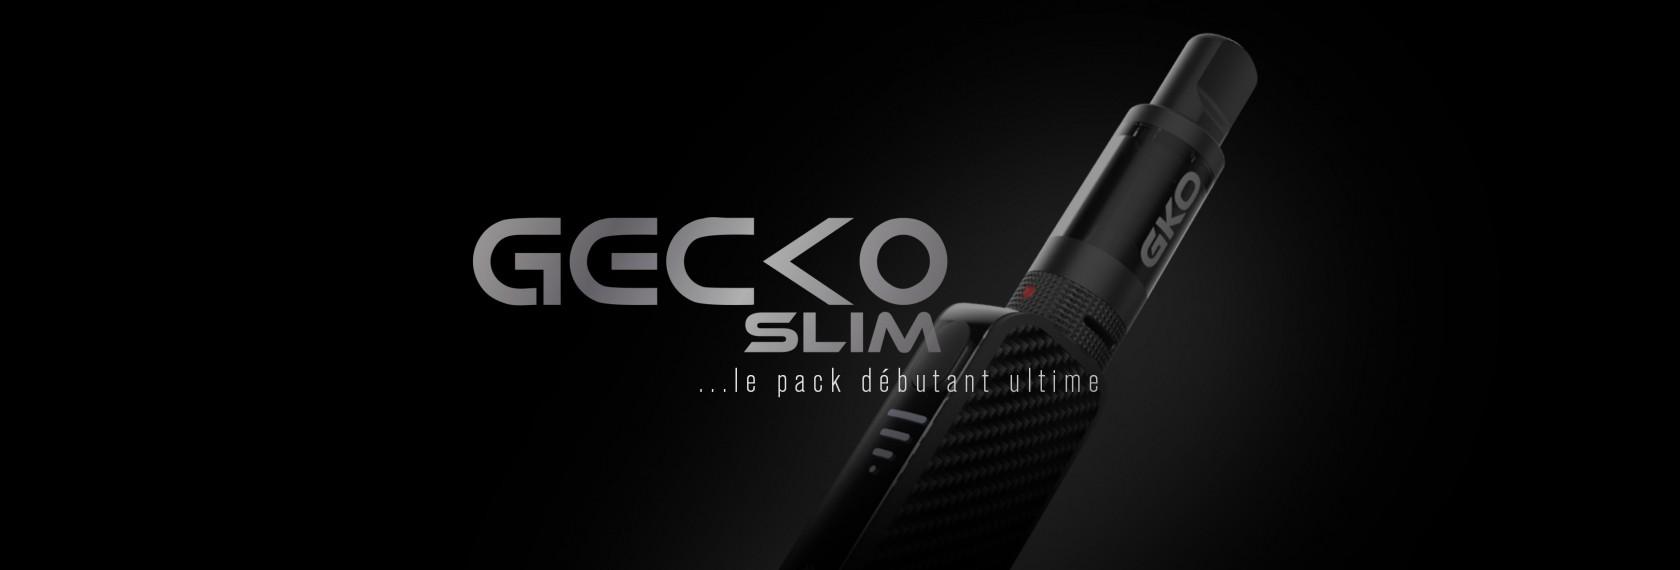 GECKO SLIM, Le pack débutant ultime